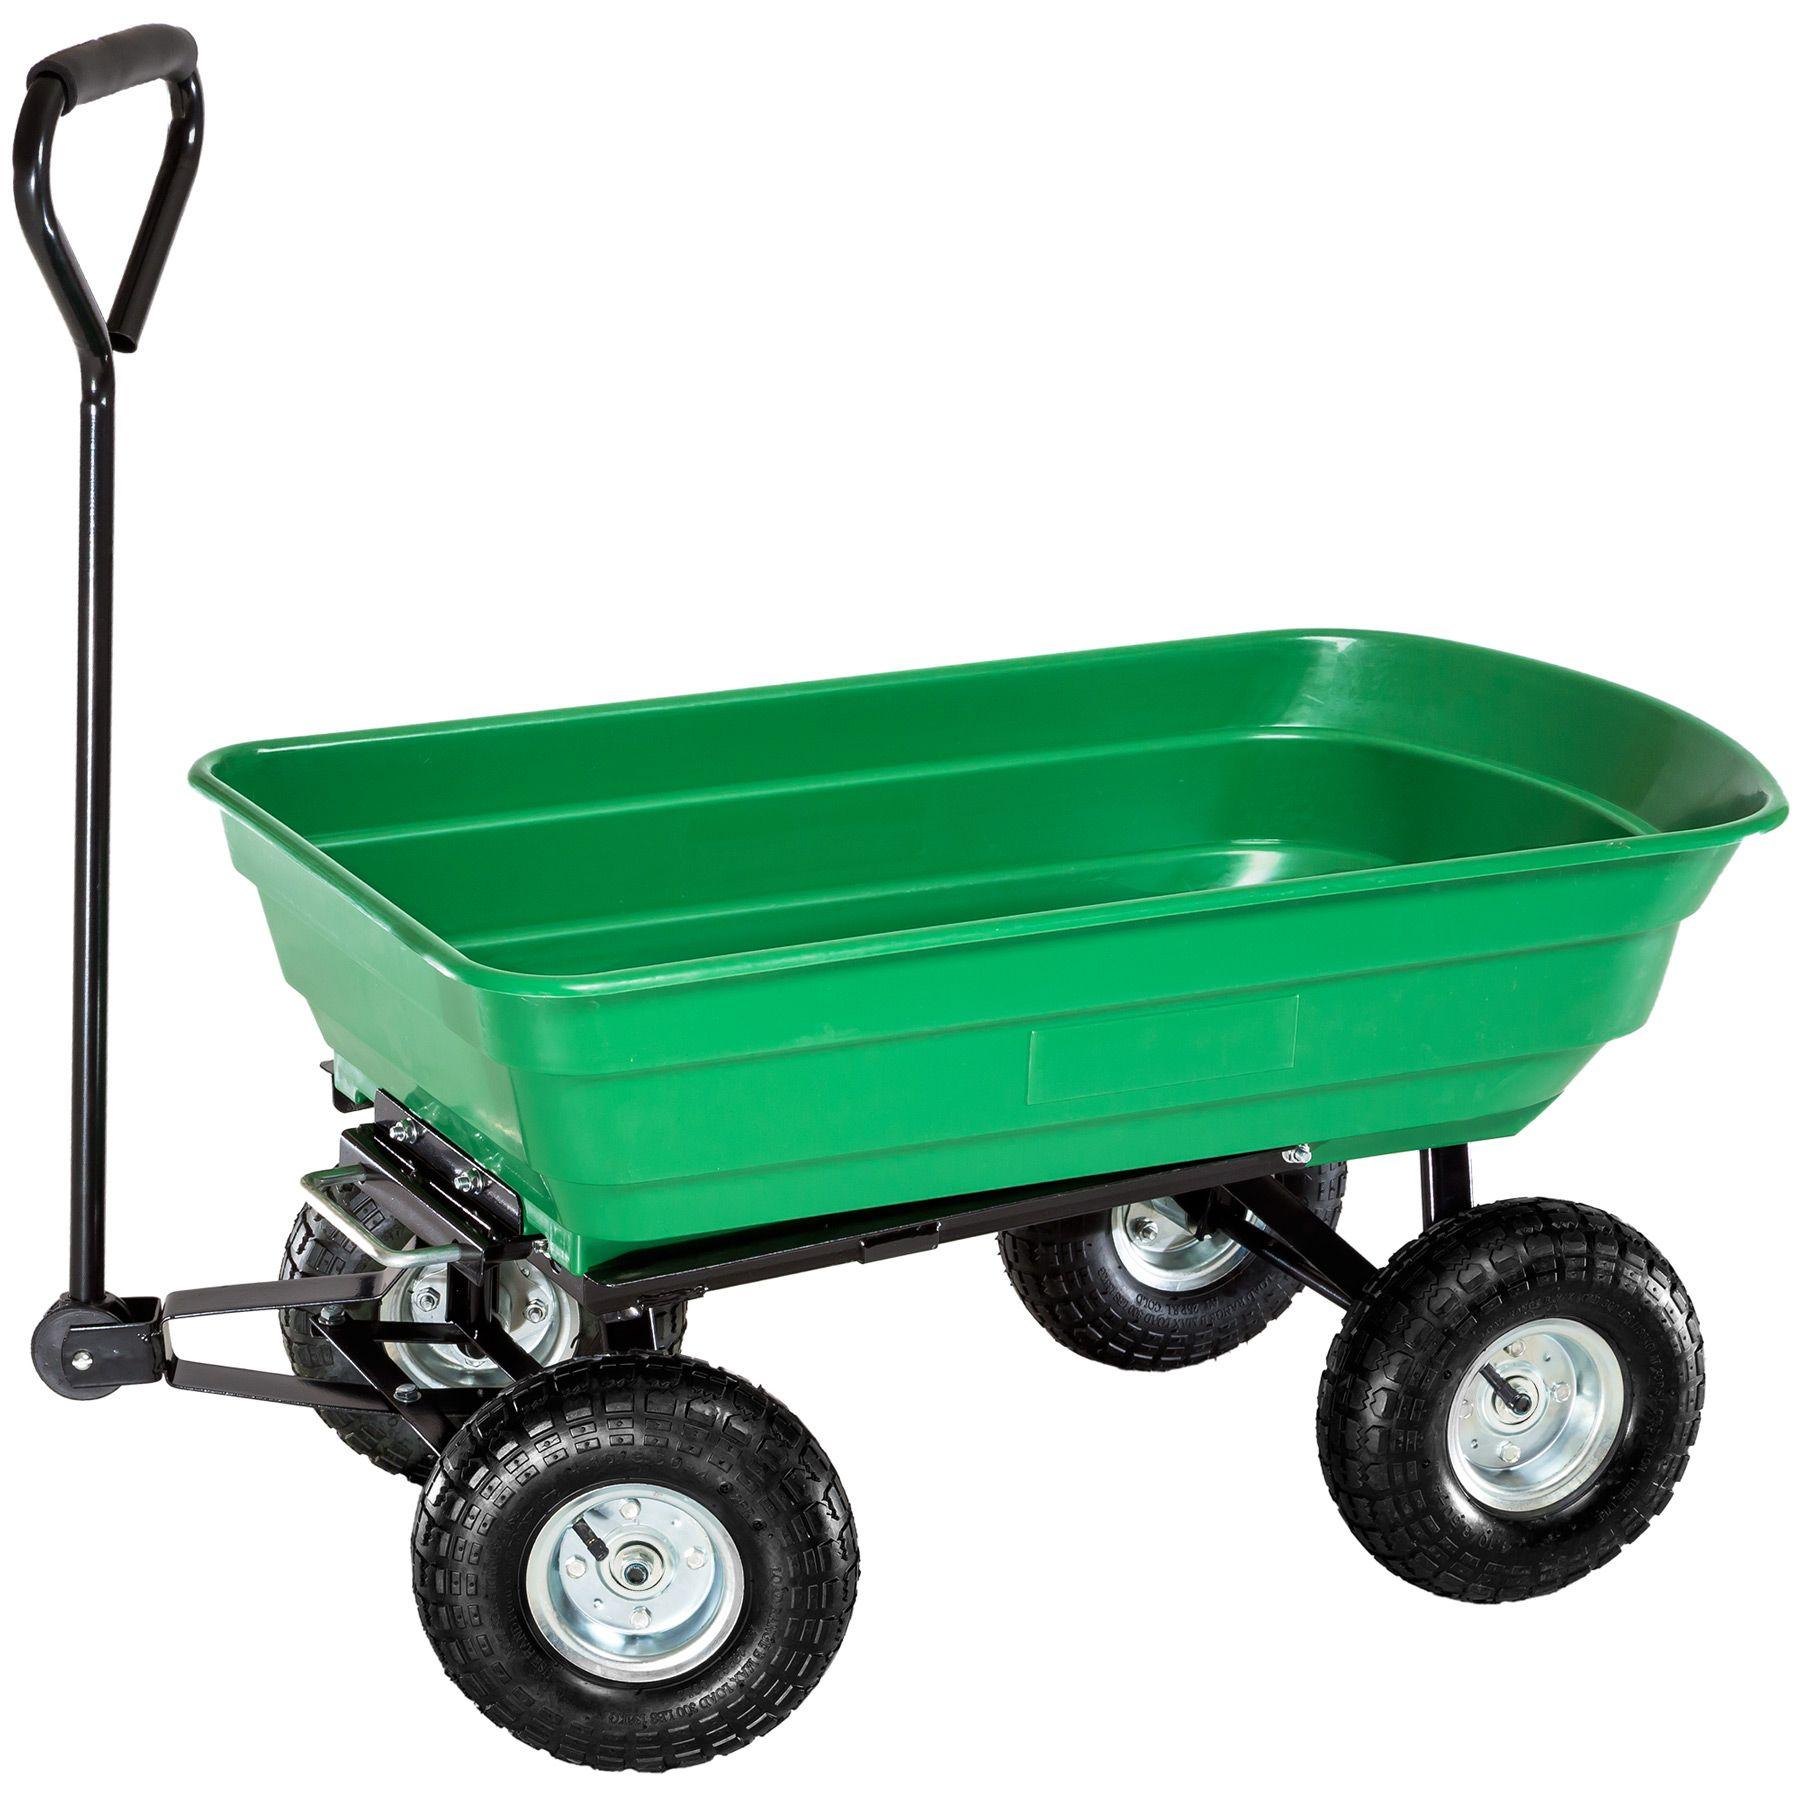 Chariot de jardin à main remorque transporteur inclinable basculante ...